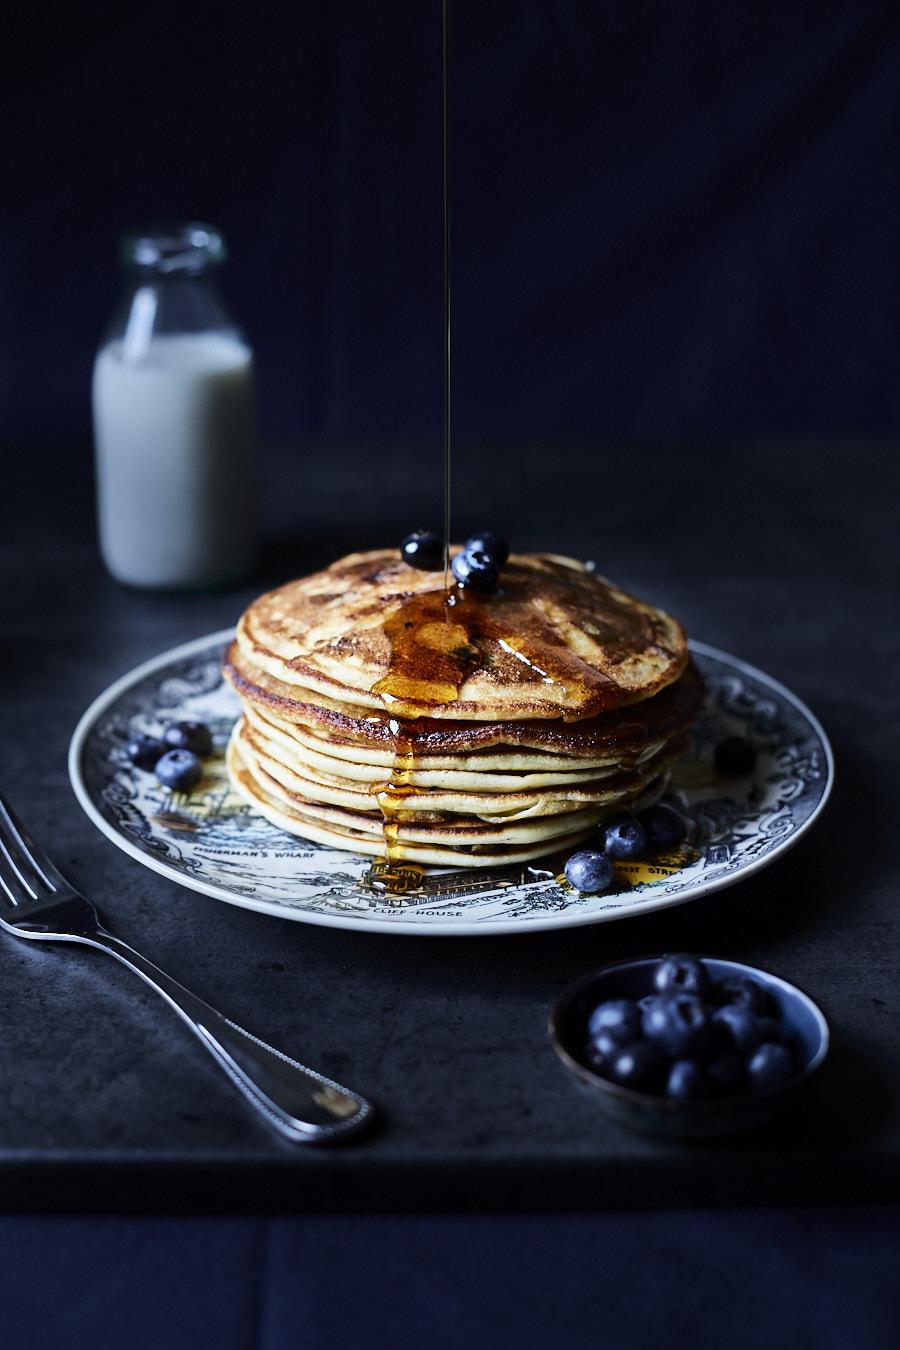 foodfotografie-blaubeer-pancakes